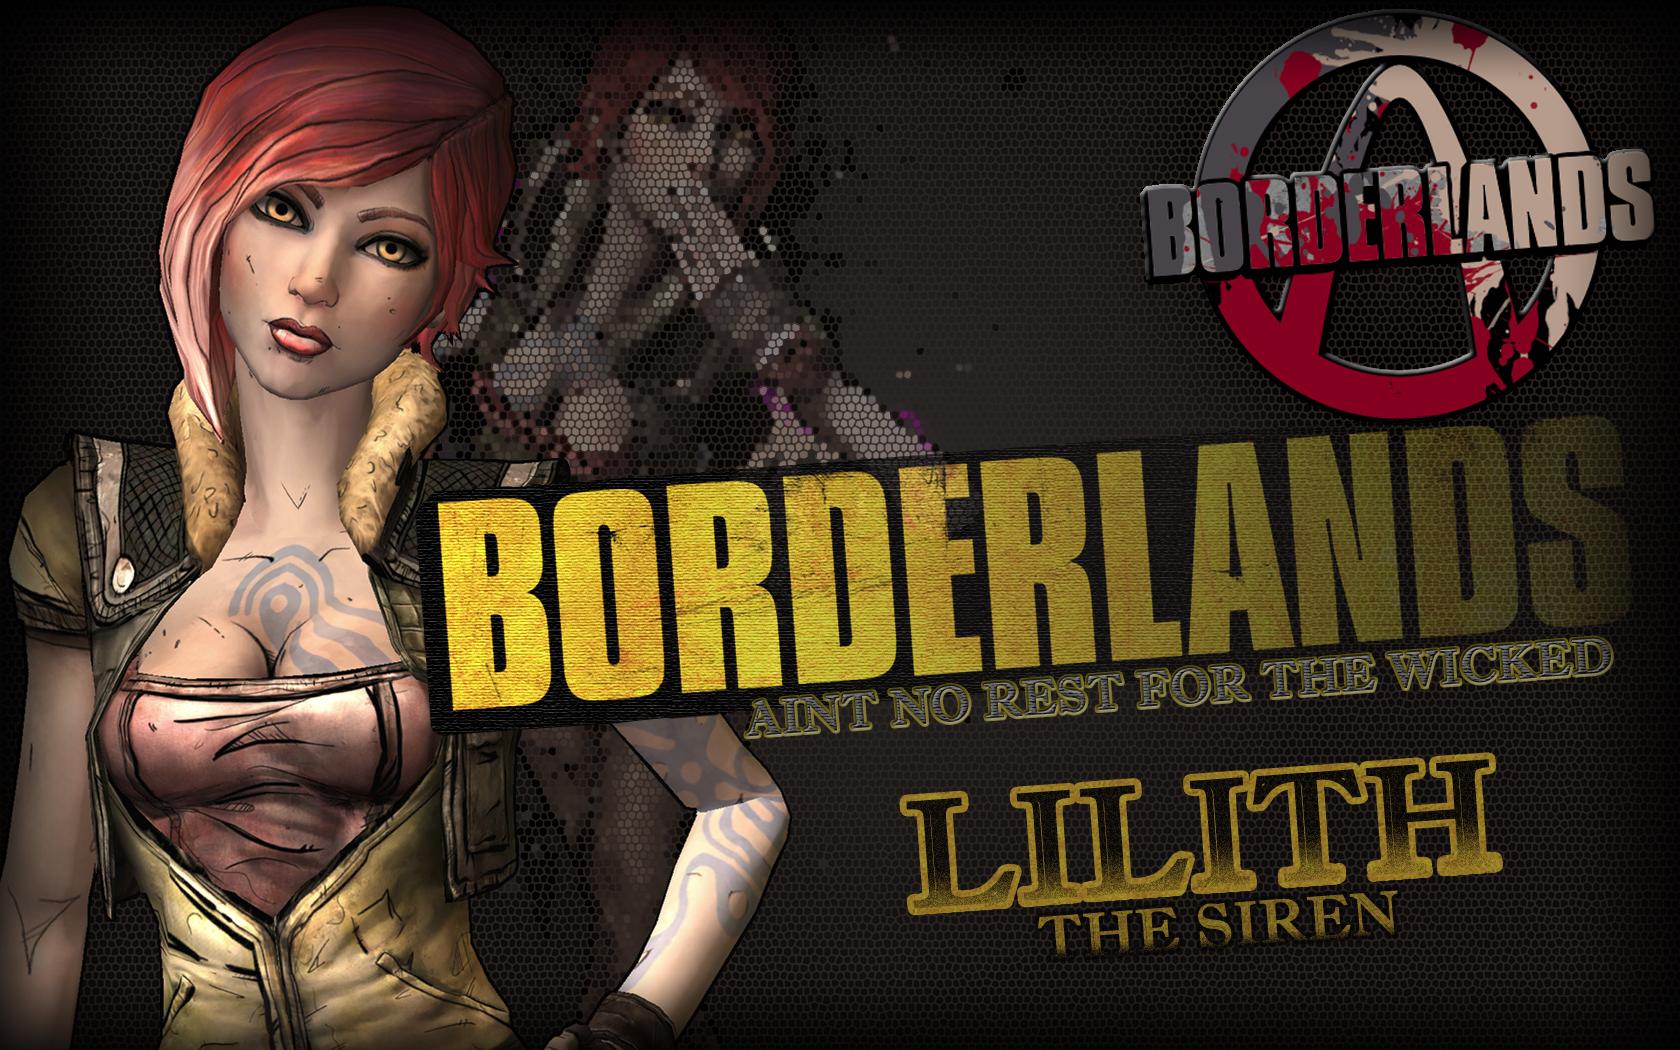 Lilith borderlands hot porn adult films